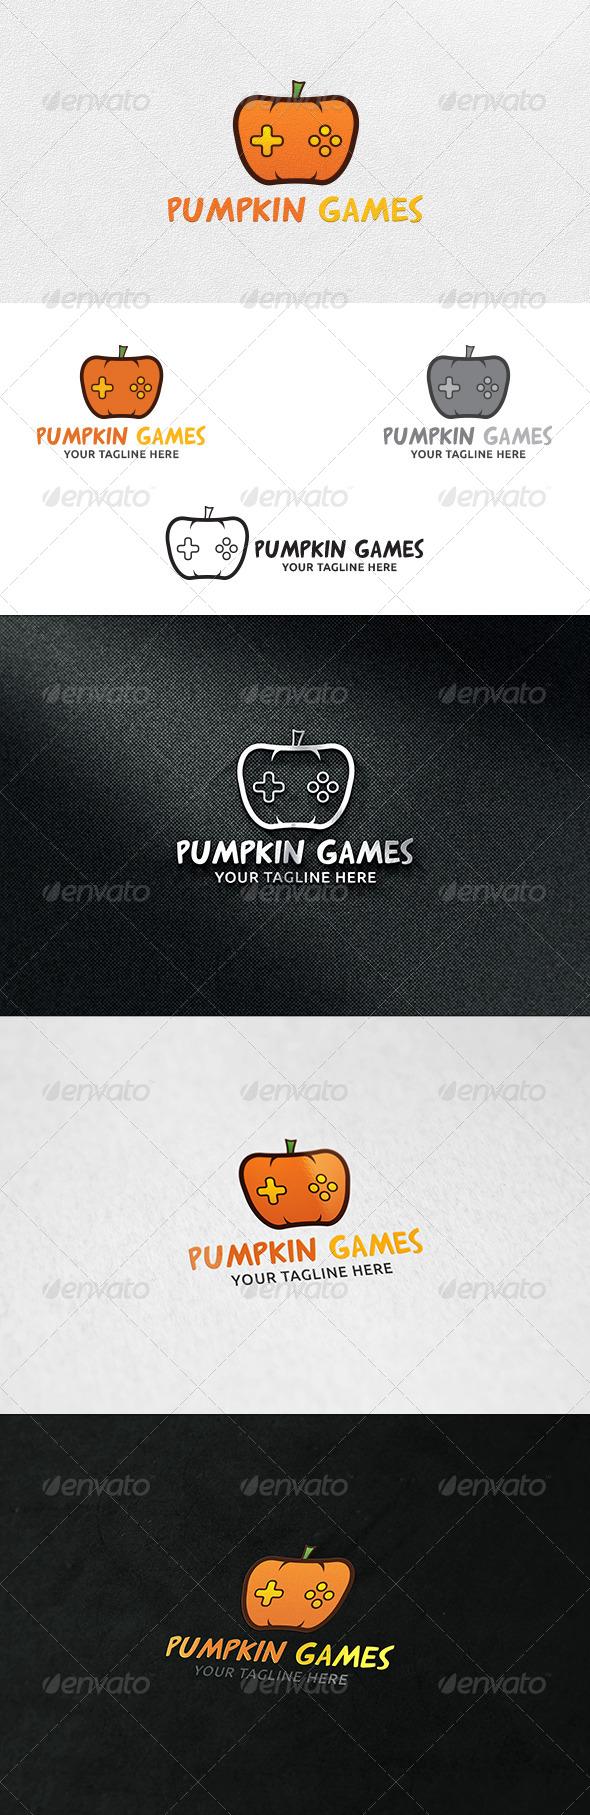 Pumpkin Games - Logo Template